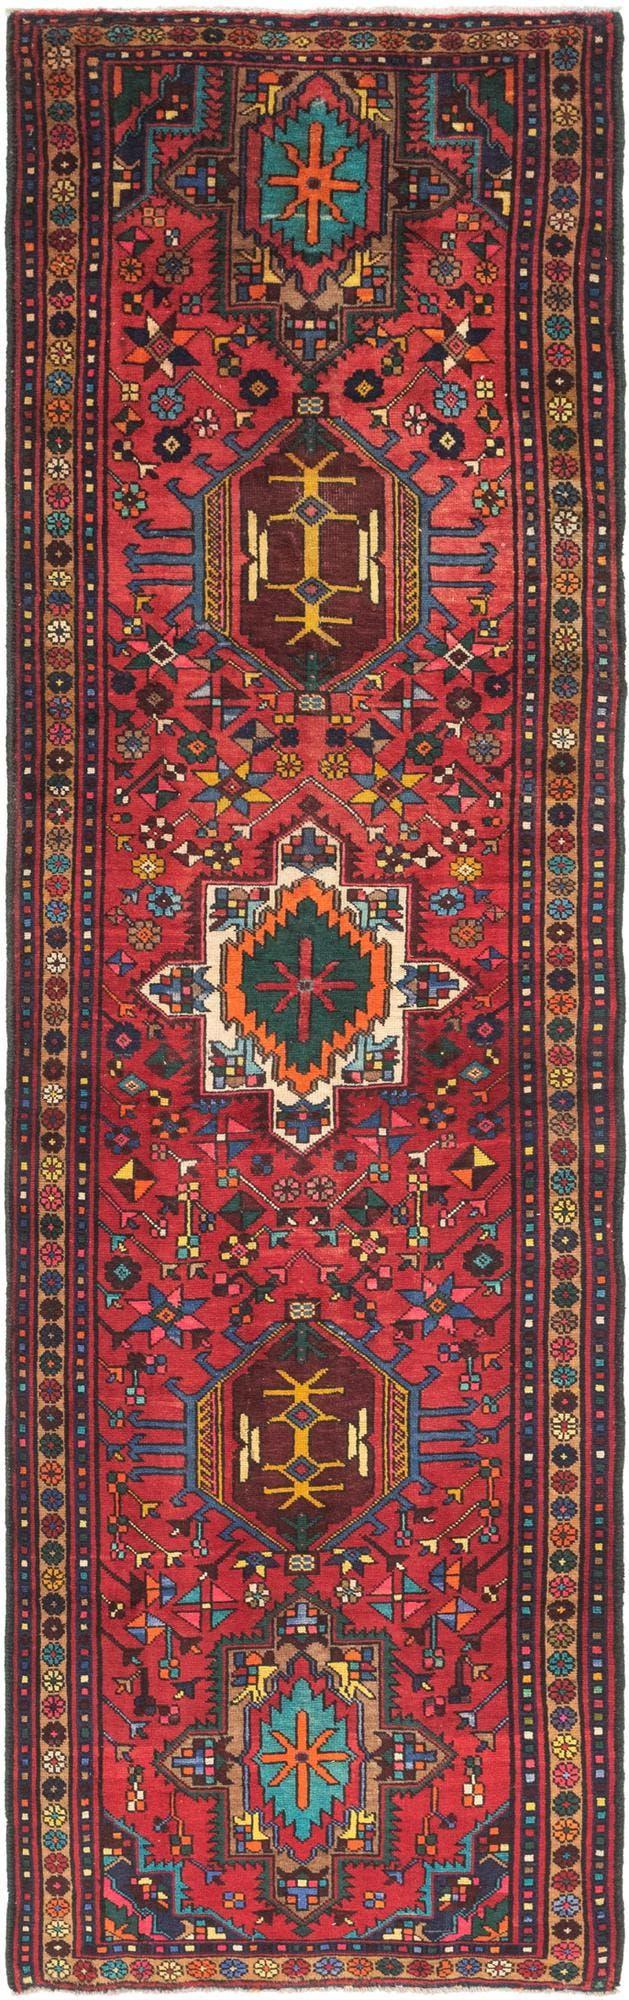 3' 5 x 12' 6 Gharajeh Persian Runner Rug main image